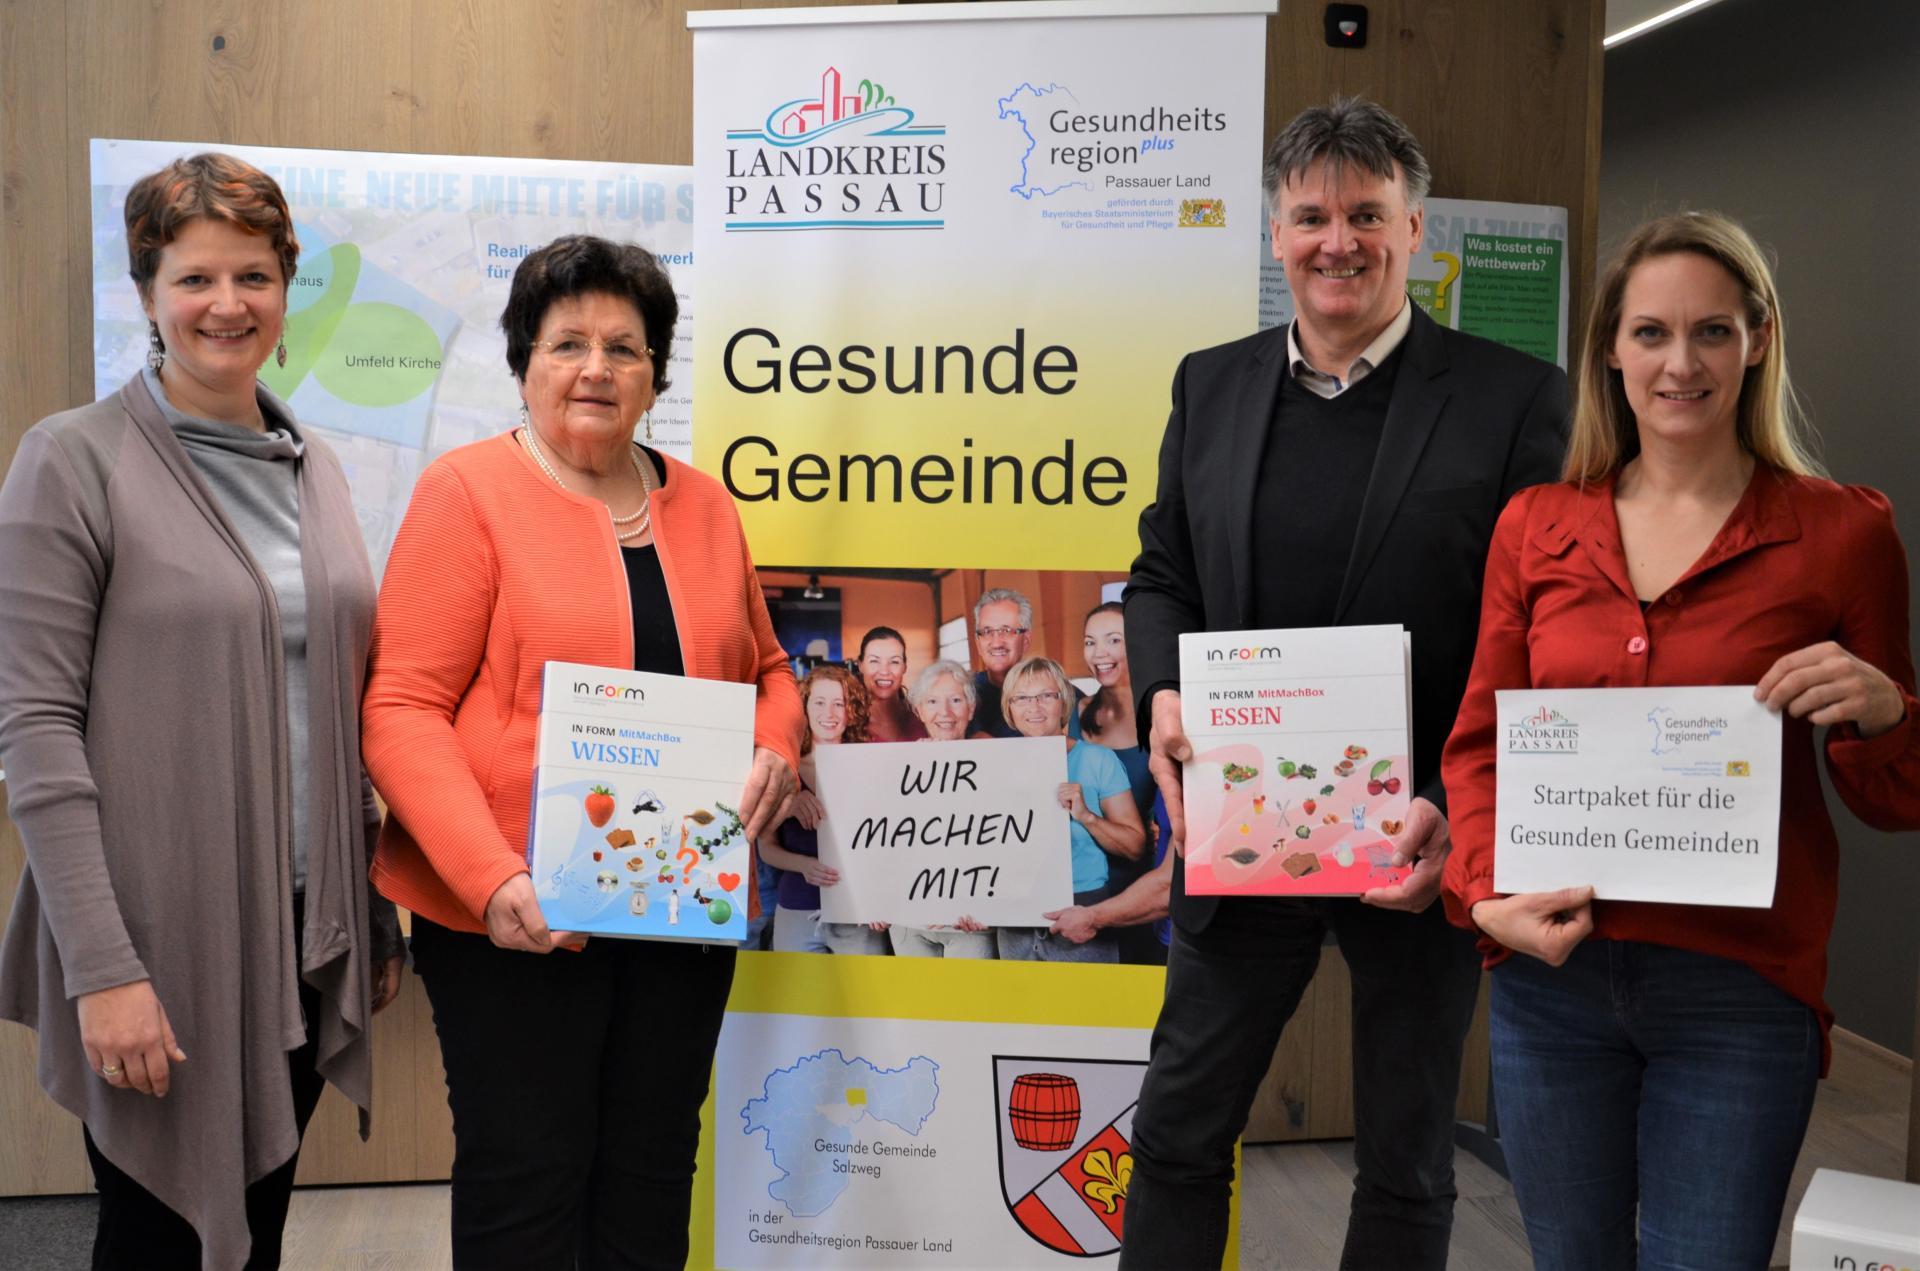 Gesunde Gemeinde Salzweg